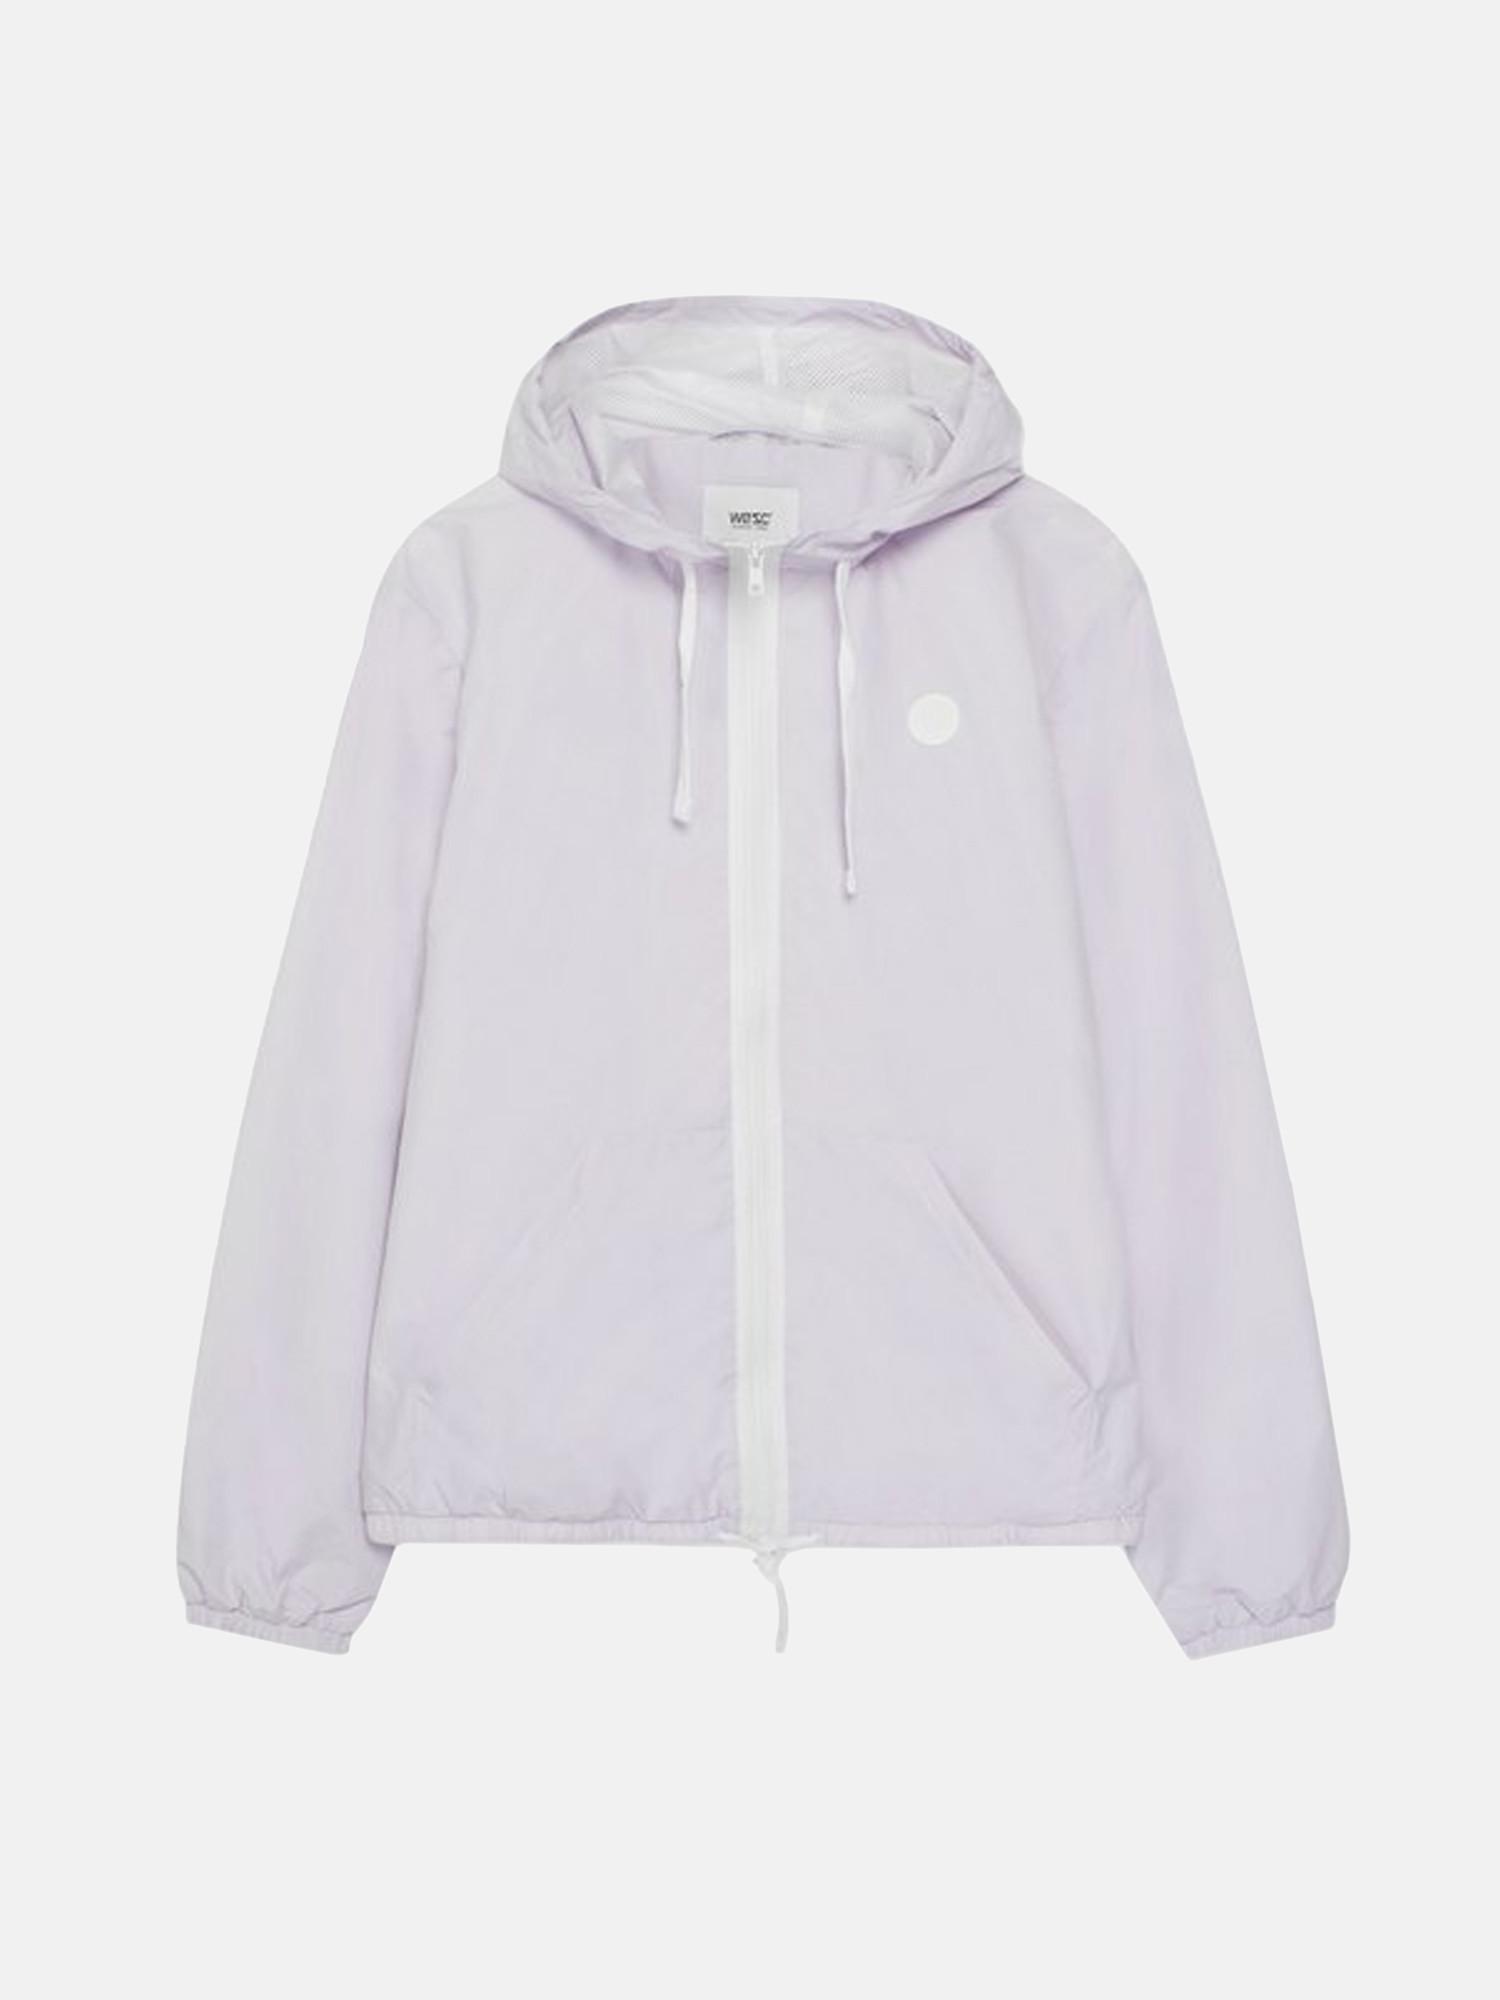 Wesc The Windbreaker_light Lilac in Purple for Men - Lyst